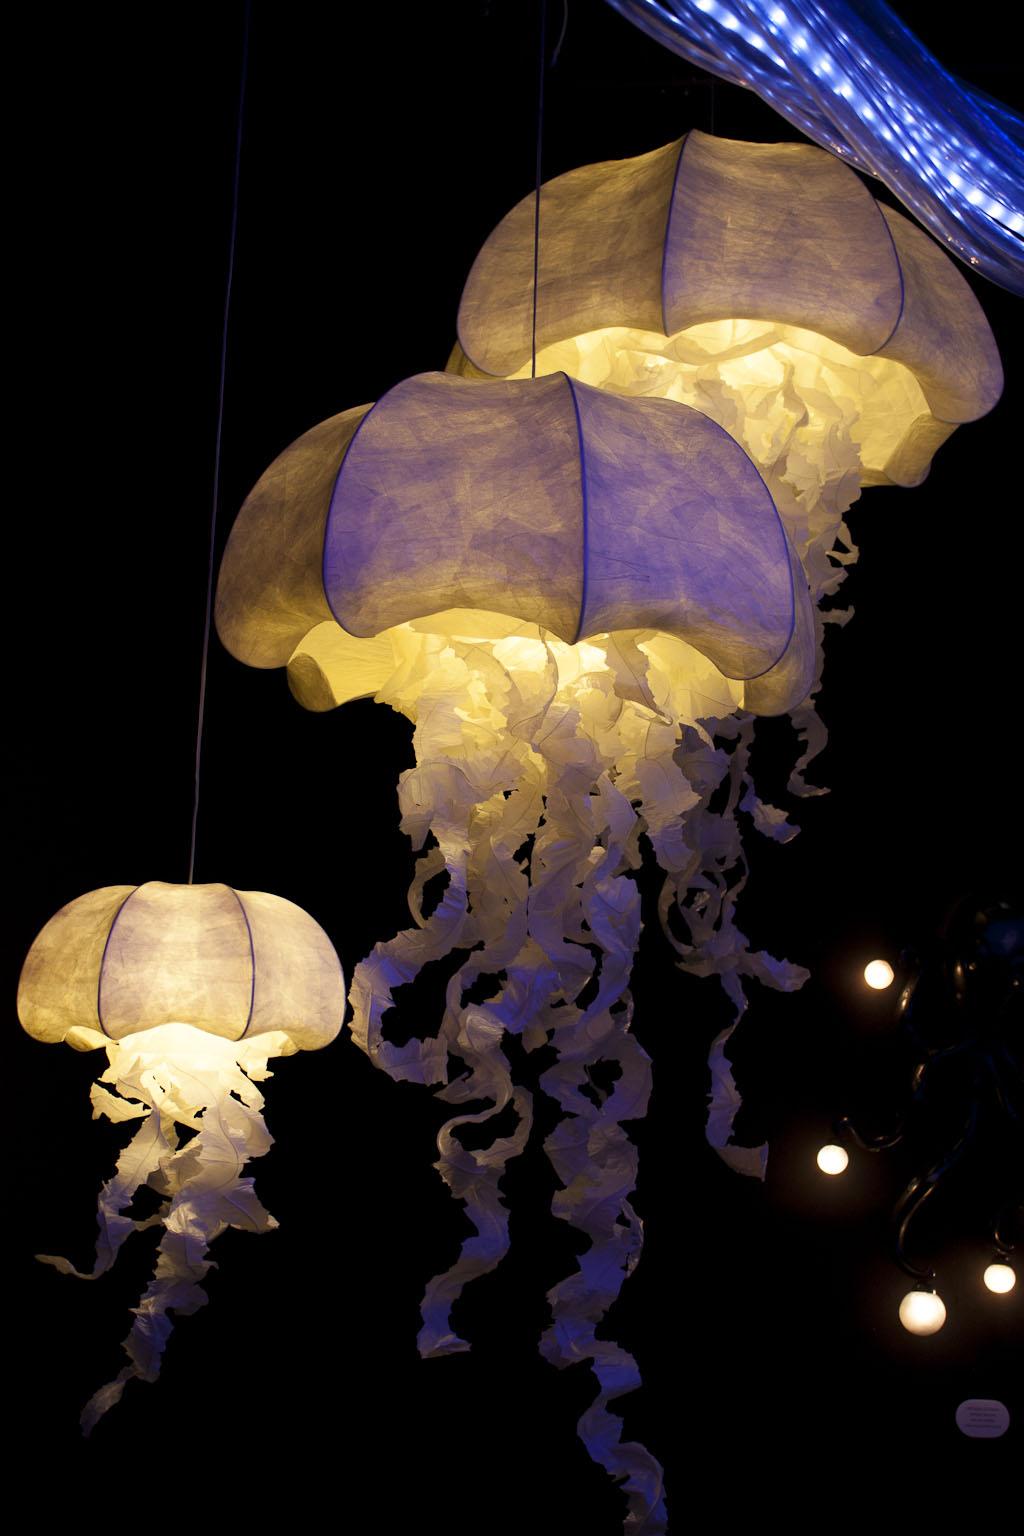 Méduses lumineuses, Géraldine Gonzalez, elsewhere : Beyond, Vincent Grégoire, agence Nelly Rodi, Maison et objet janvier 2014